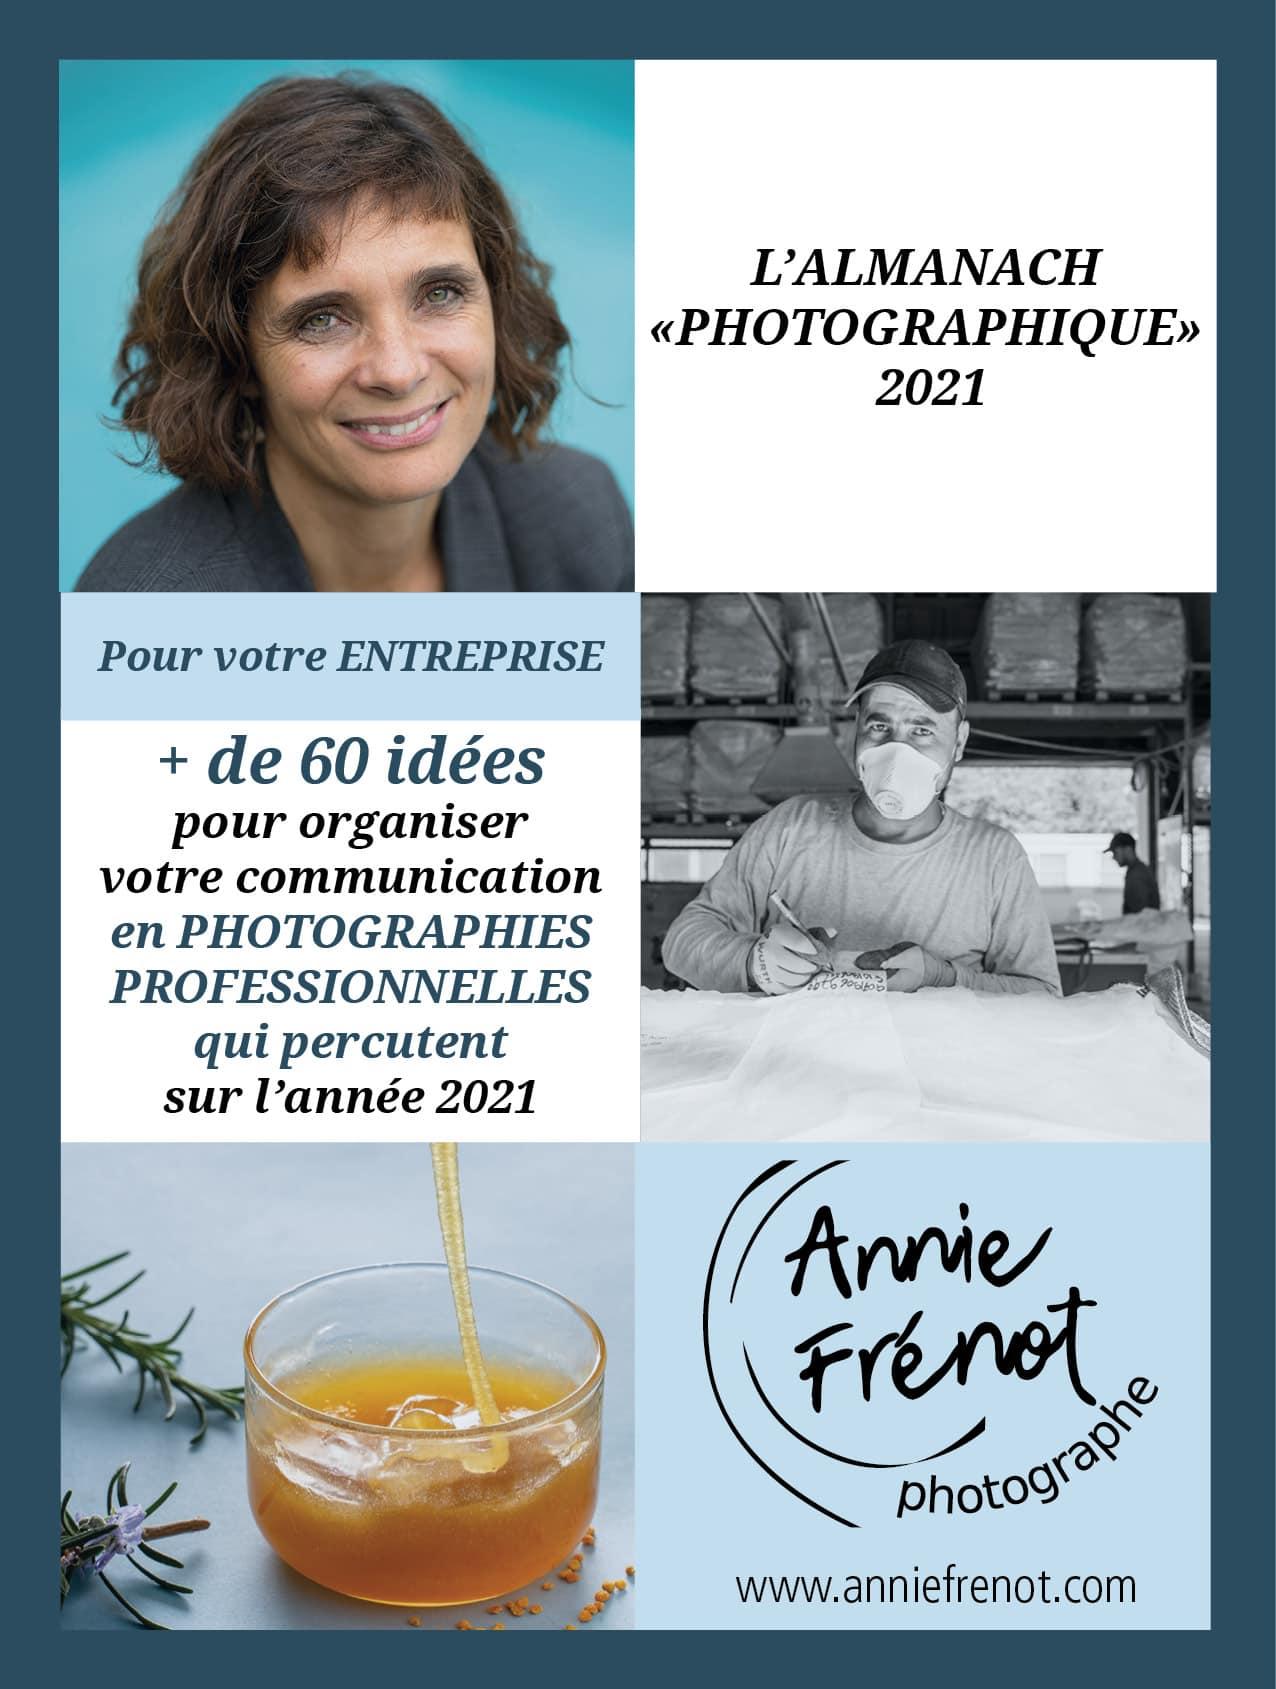 Almanach photographique Annie Frénot